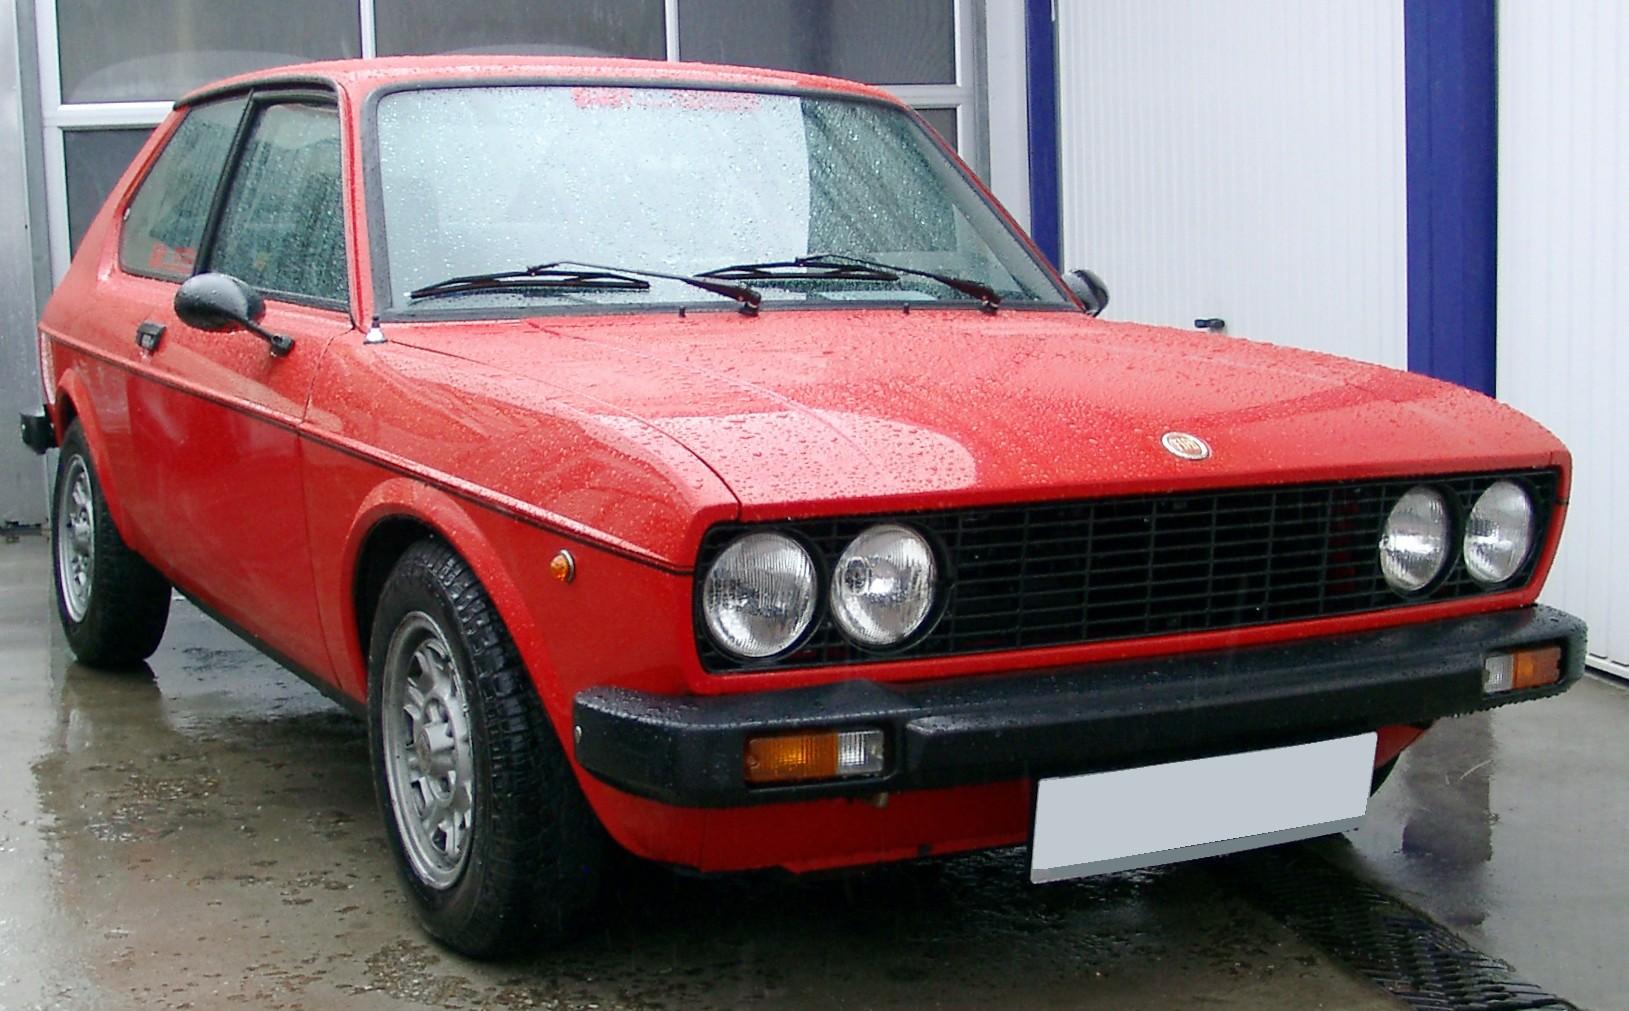 File:Fiat 128 Berlinetta front 20080419 ...